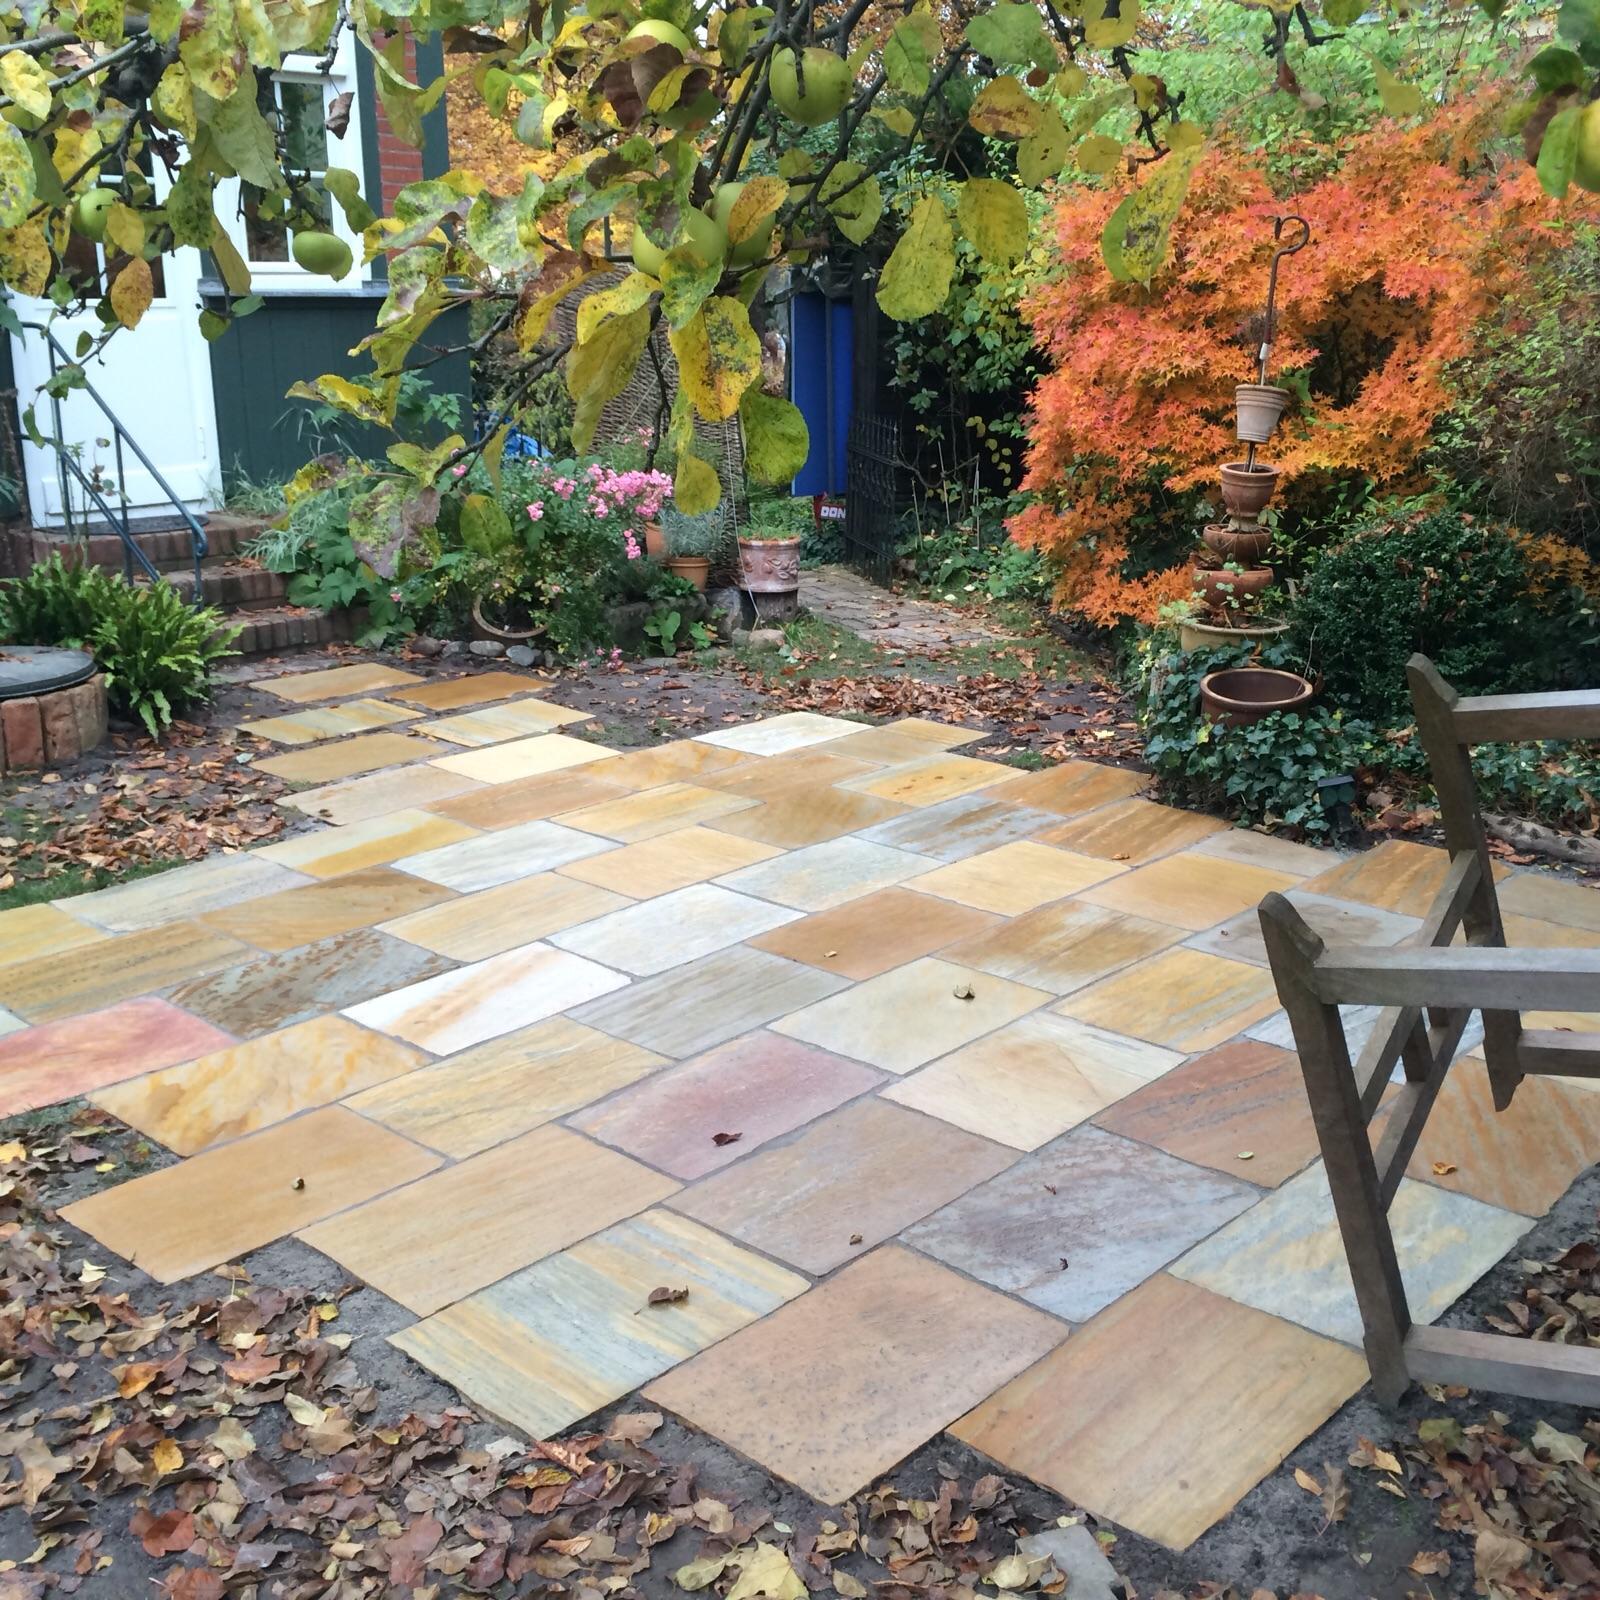 quarzit-terrassenplatte-gelblich-bunt-40-60-gespalten